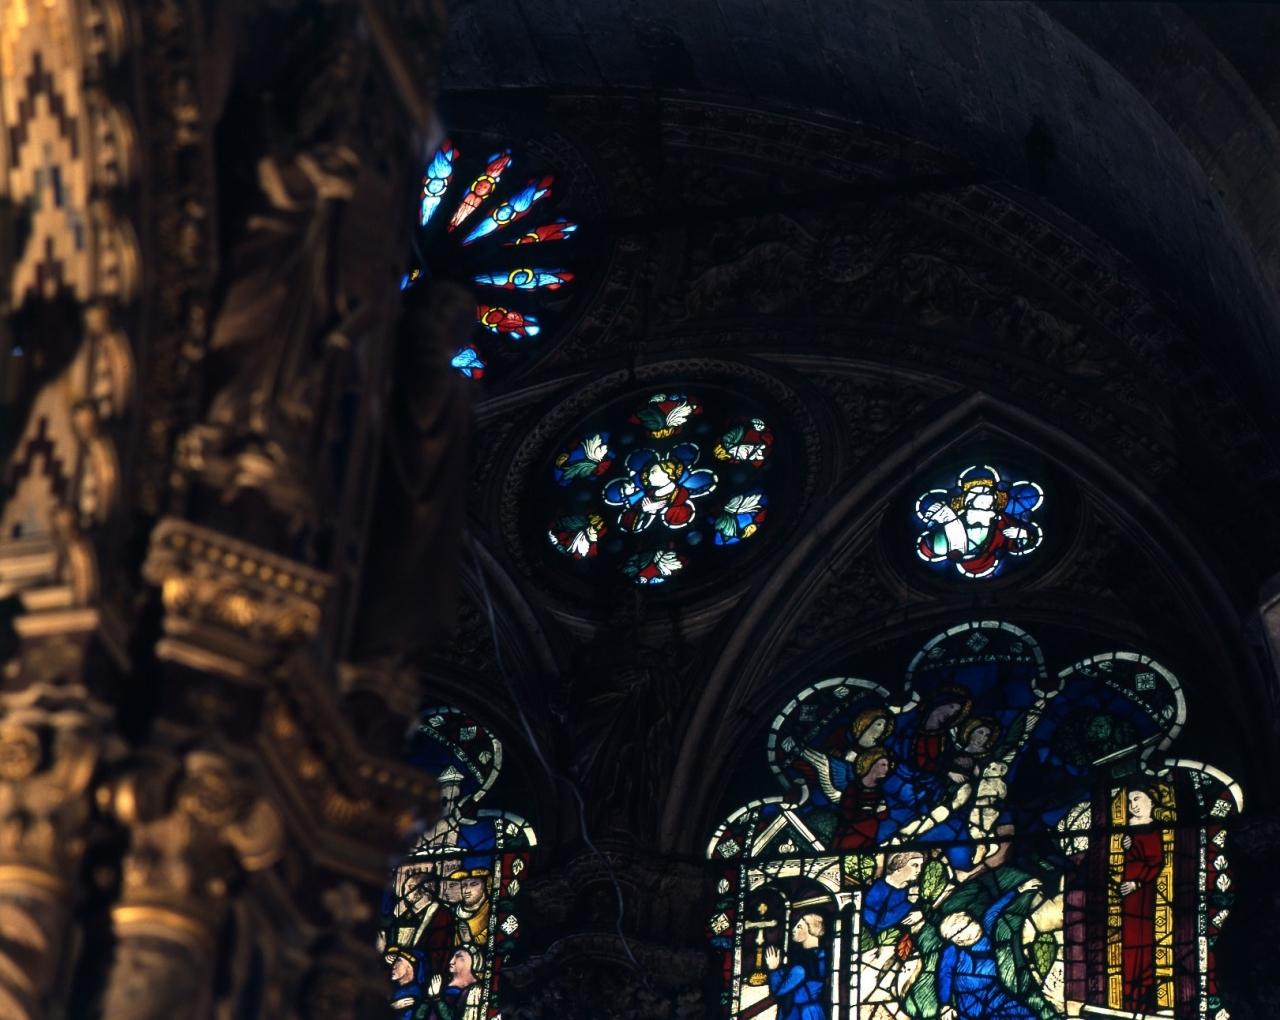 Madonna annunciata (vetrata) - bottega fiorentina (fine/ inizio secc. XIV/ XV)